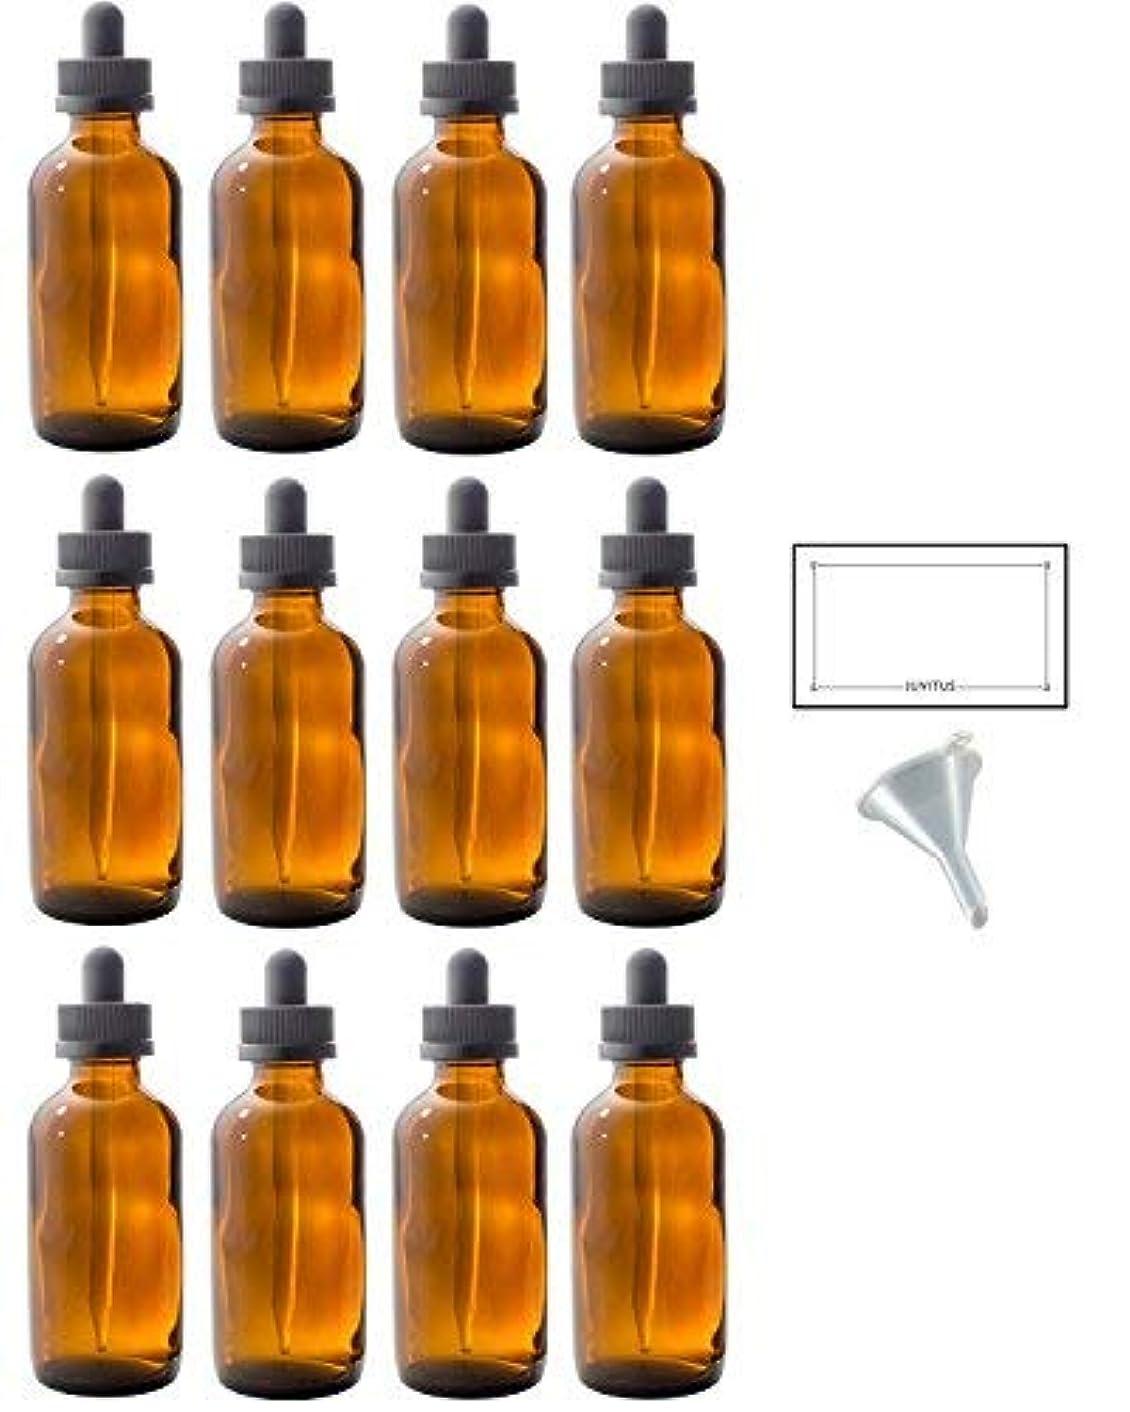 紳士ひまわり有毒4 oz Amber Glass Boston Round Dropper Bottle (12 pack) + Funnel and Labels for essential oils, aromatherapy, e-liquid...